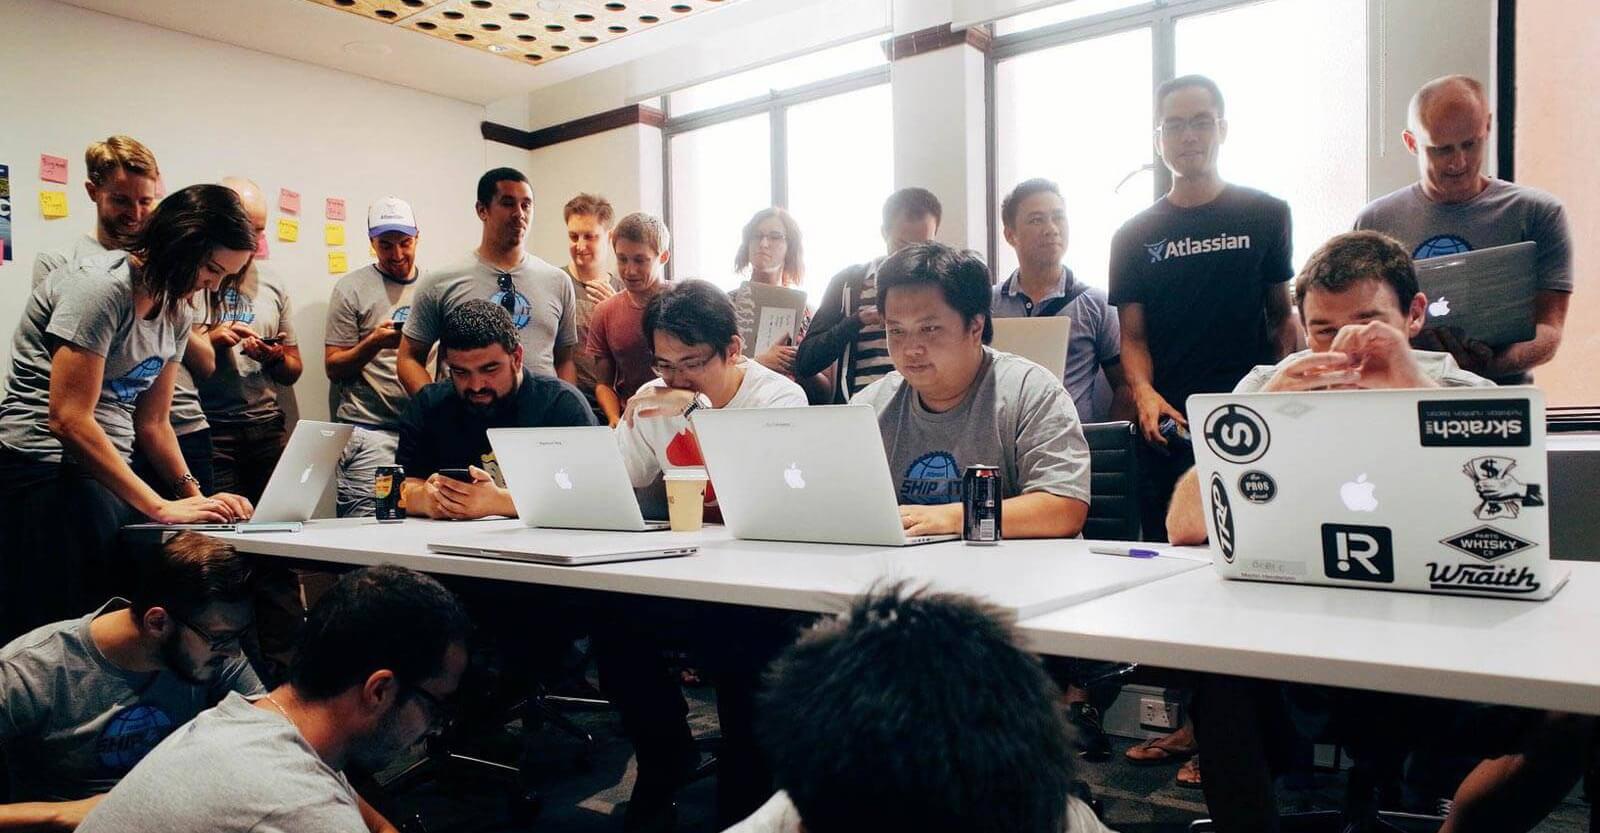 Dipendenti di Atlassian che partecipano allo ShipIt Day